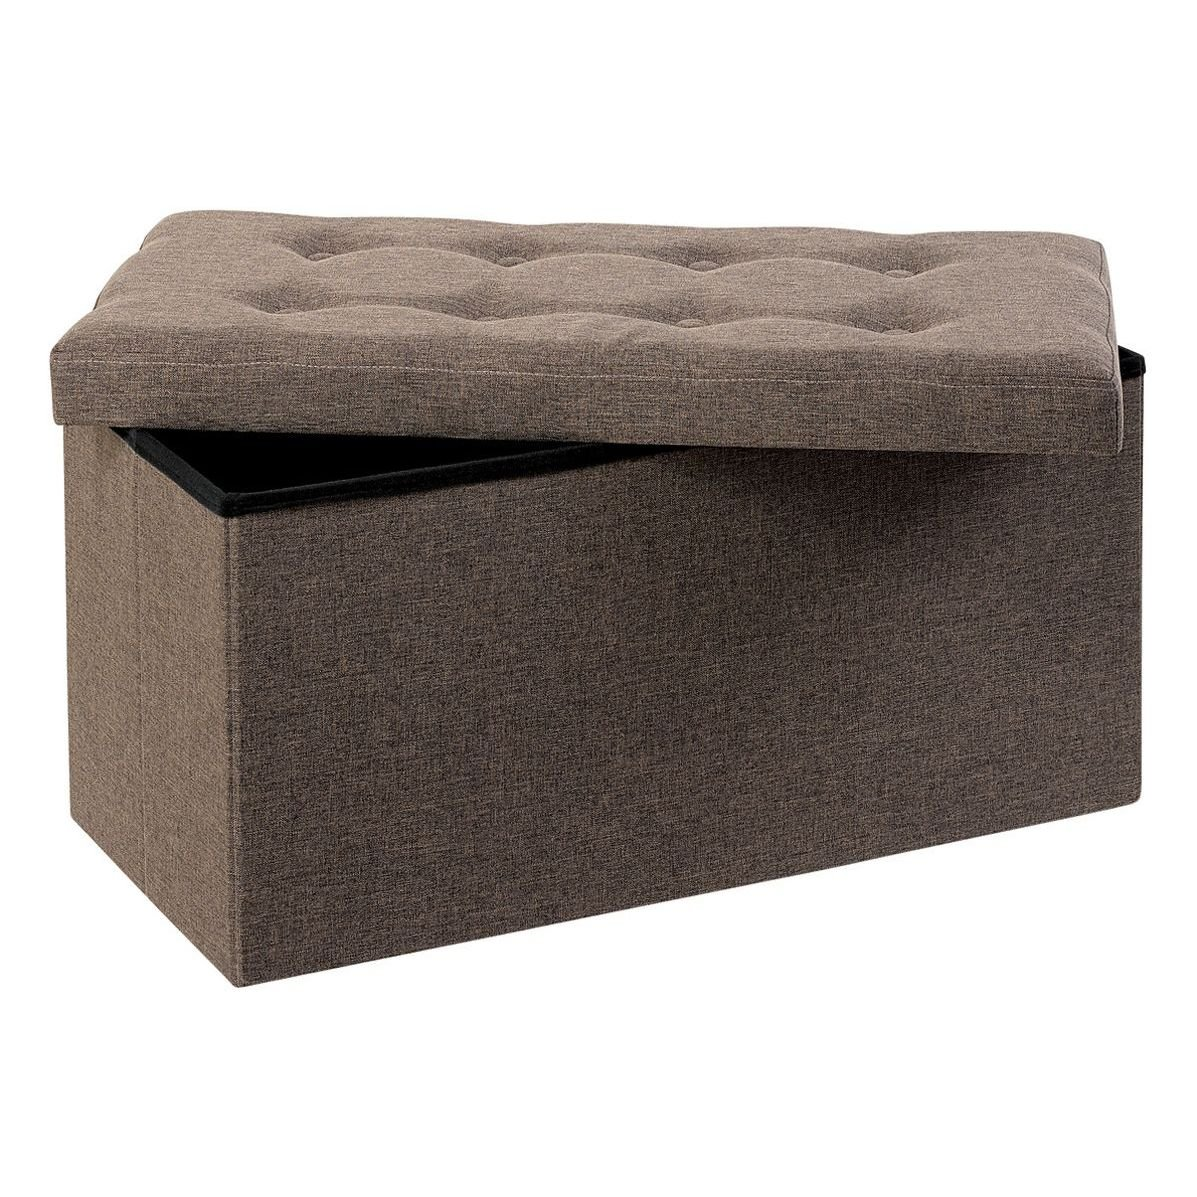 Caja y asientos puffs